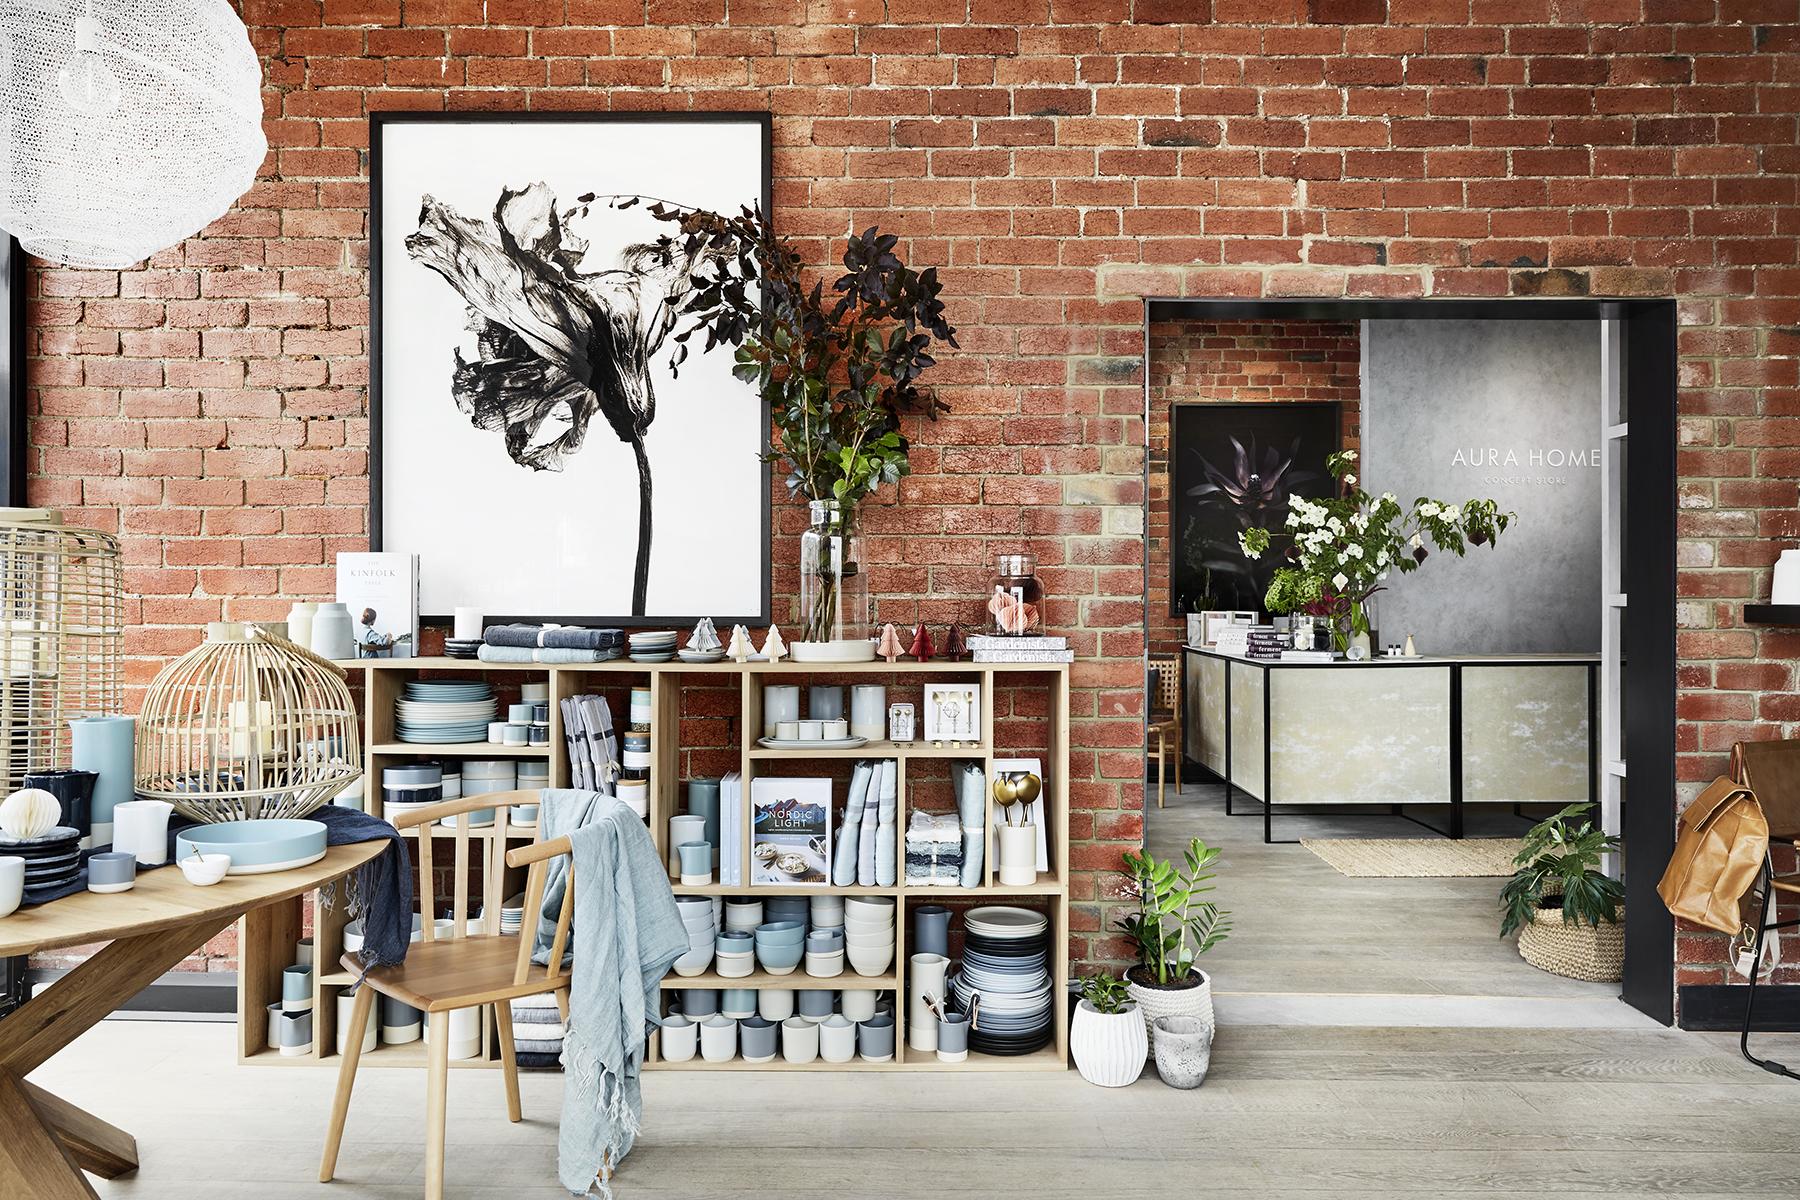 Aura Home Shop_04.jpg